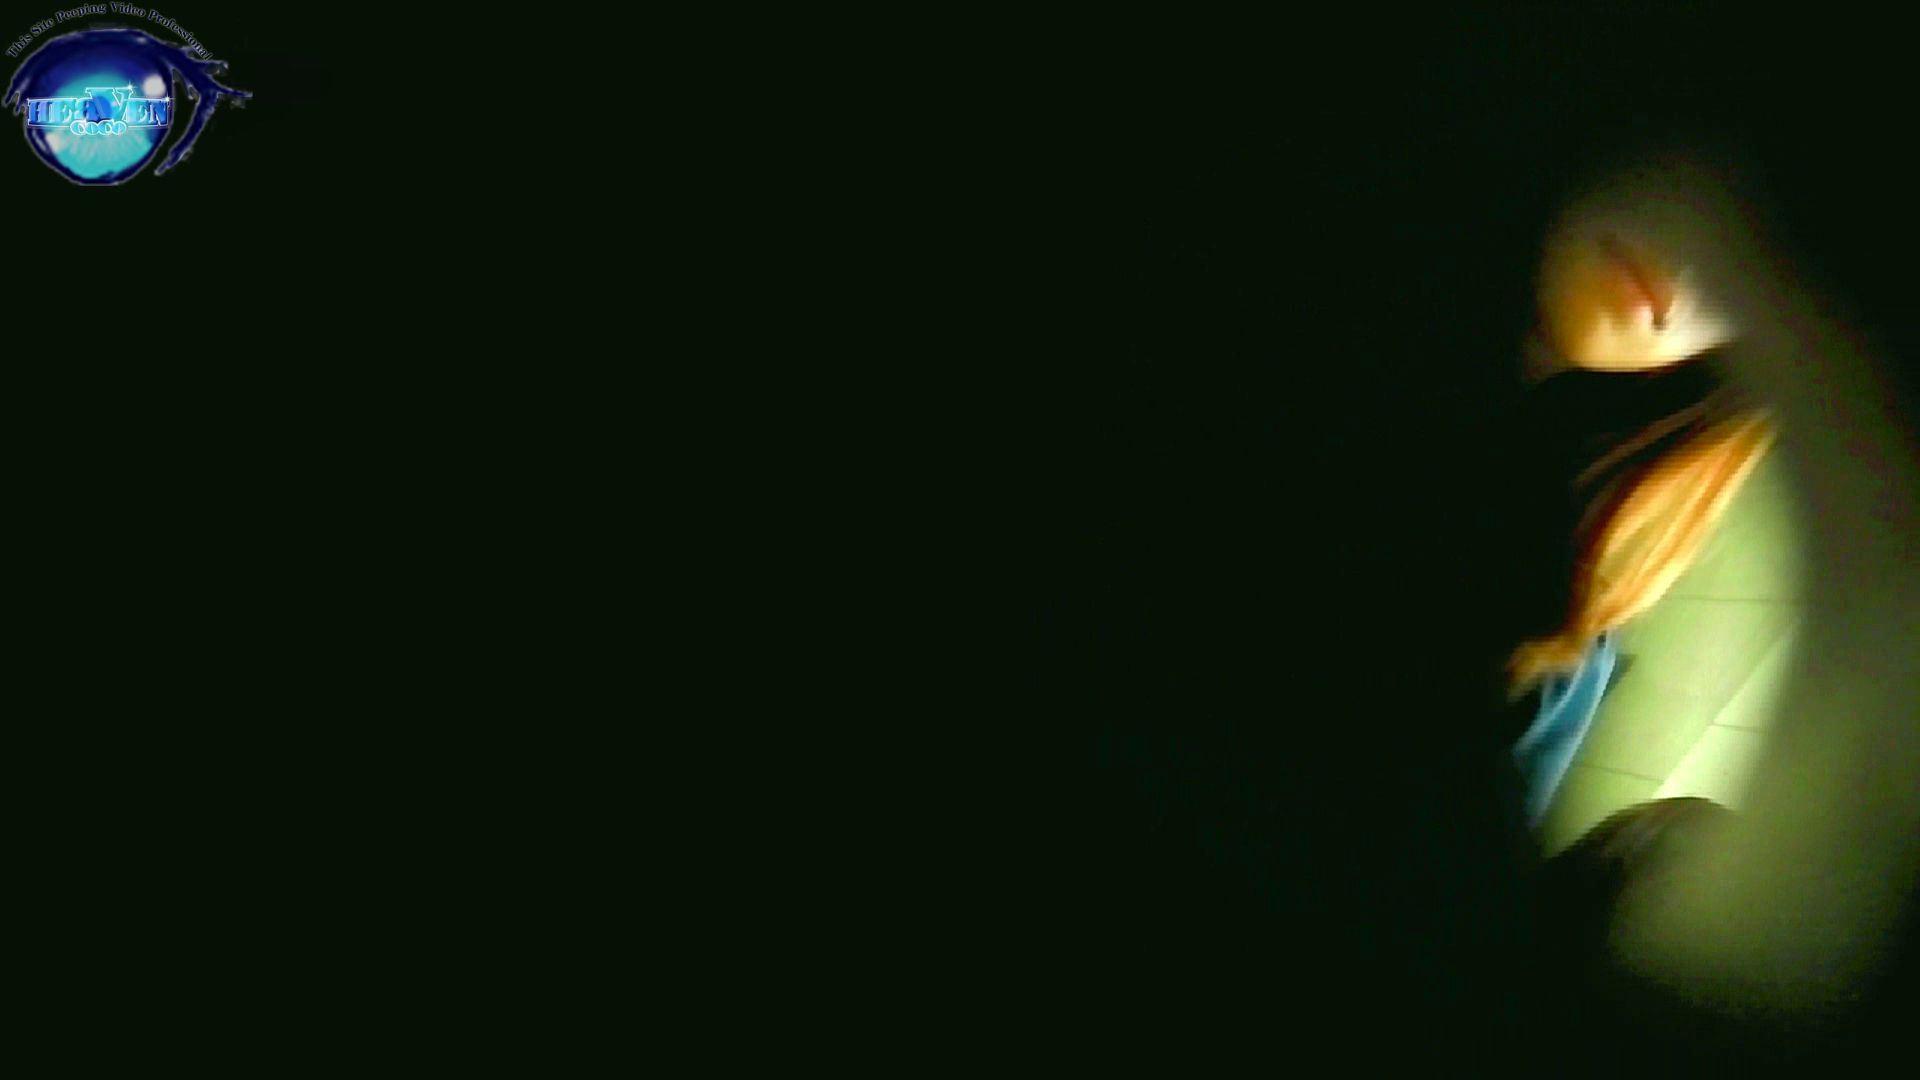 世界の射窓から vol.29 後編 洗面所 | OLのエロ生活  90連発 1